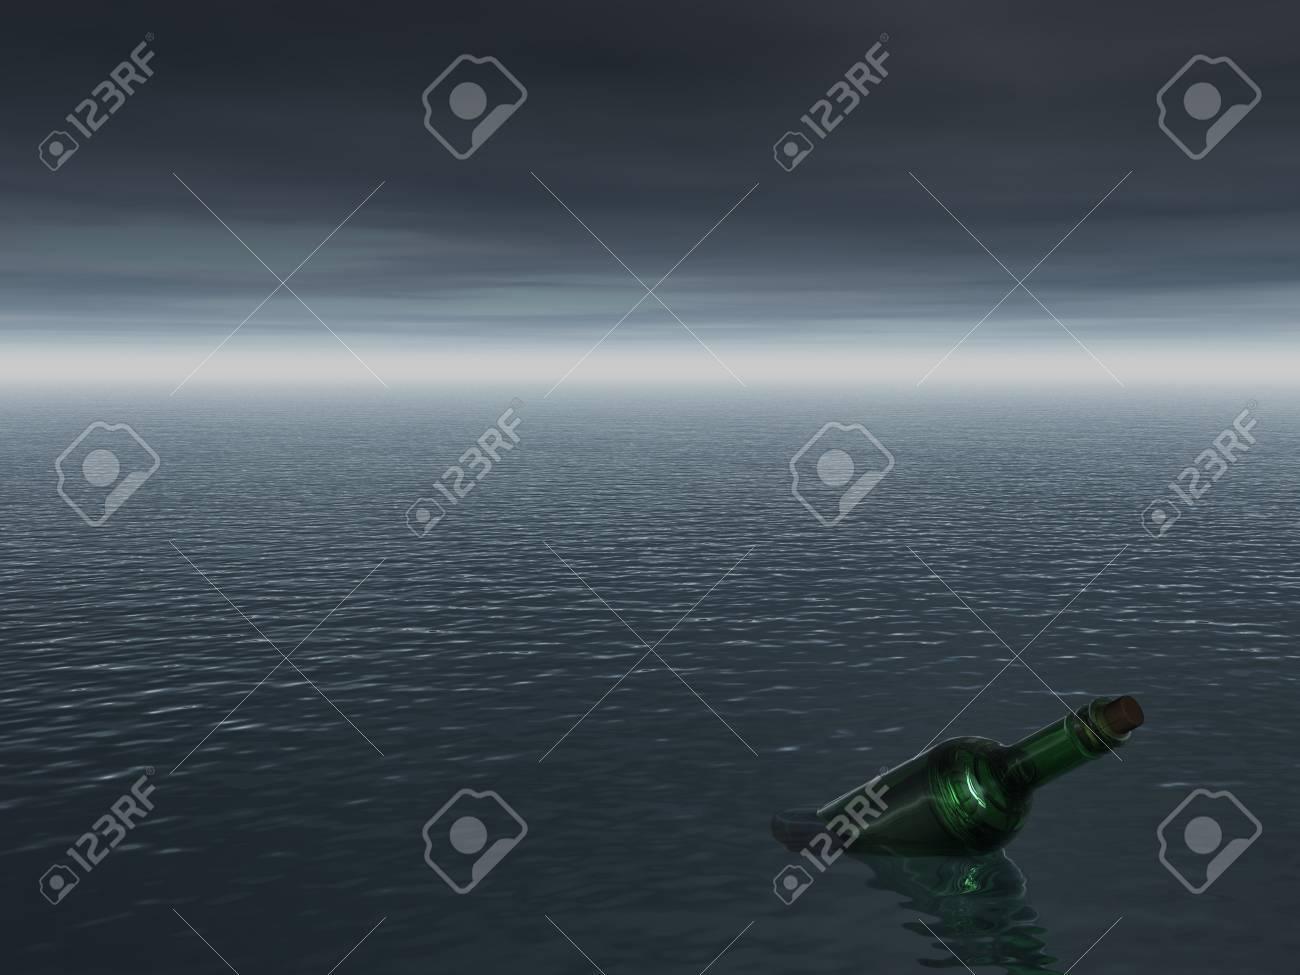 best prices discount shop best quality Mensaje en una botella en el océano - 3d ilustración